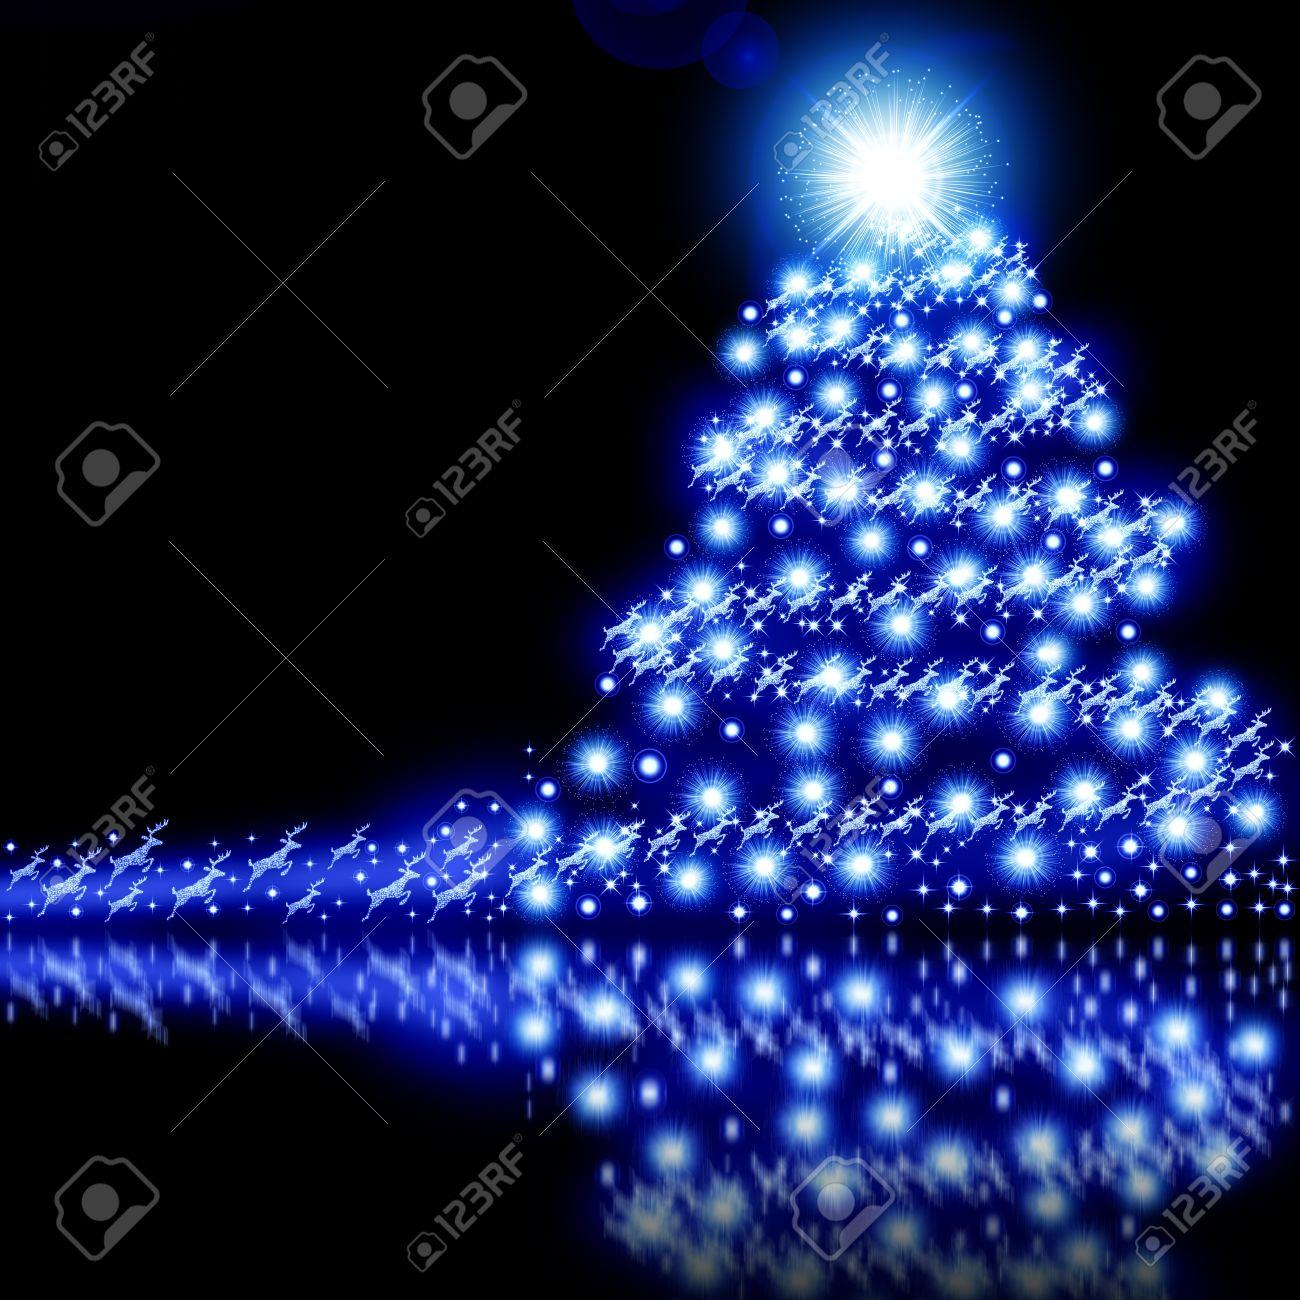 Blue Christmas tree background isolated on black Stock Photo - 15321294